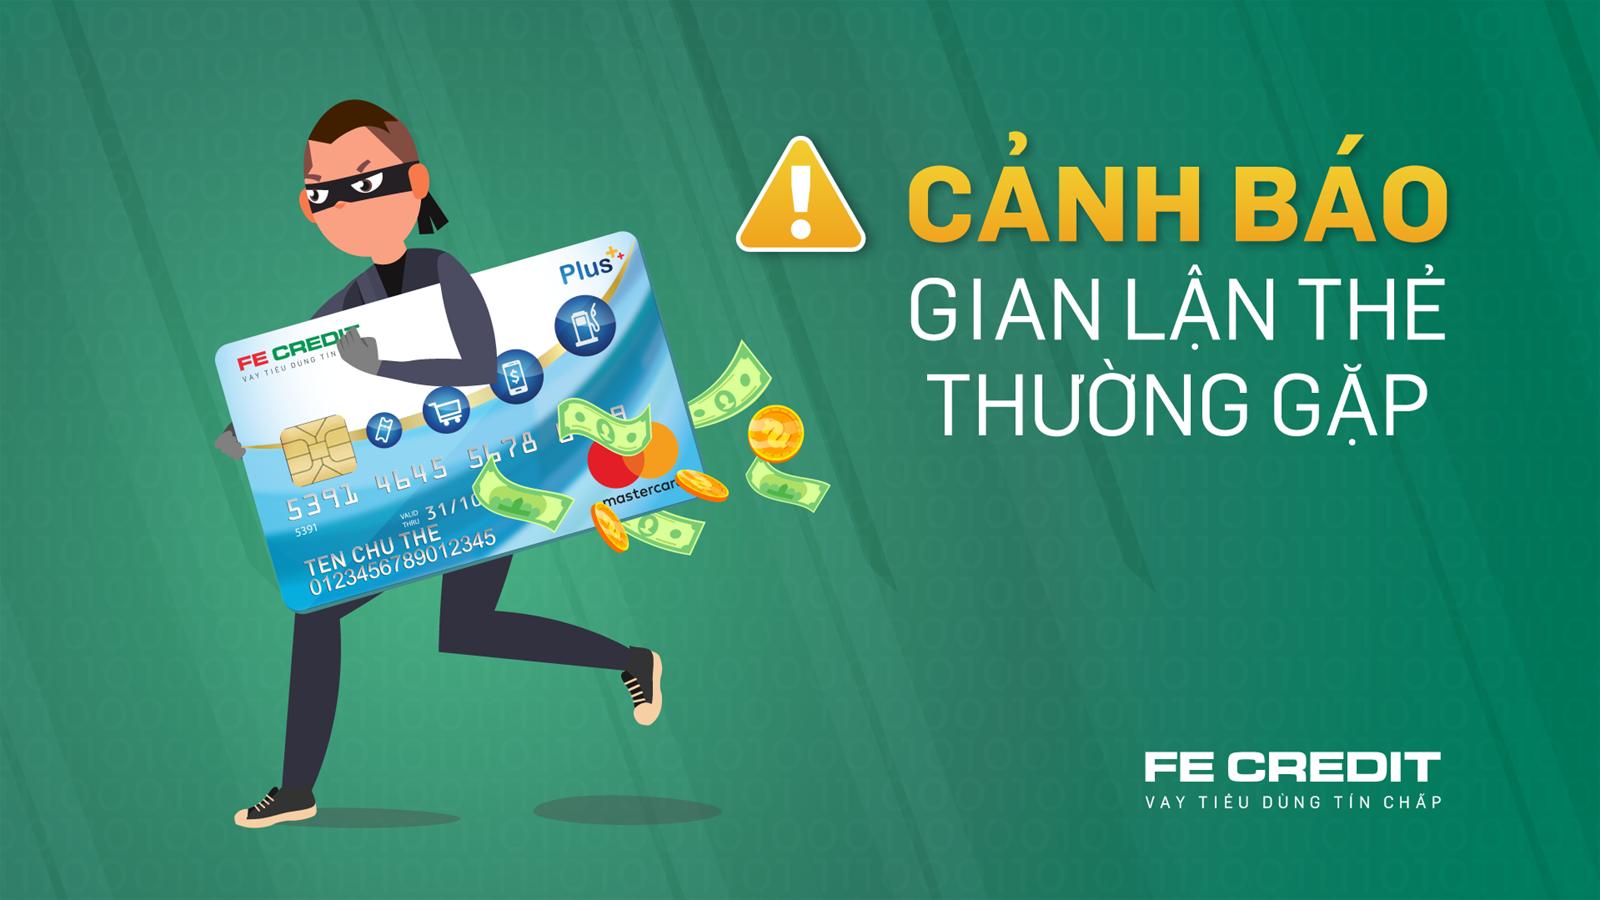 FE Credit cảnh báo chủ thẻ tín dụng trước các thủ đoạn lừa đảo thường gặp